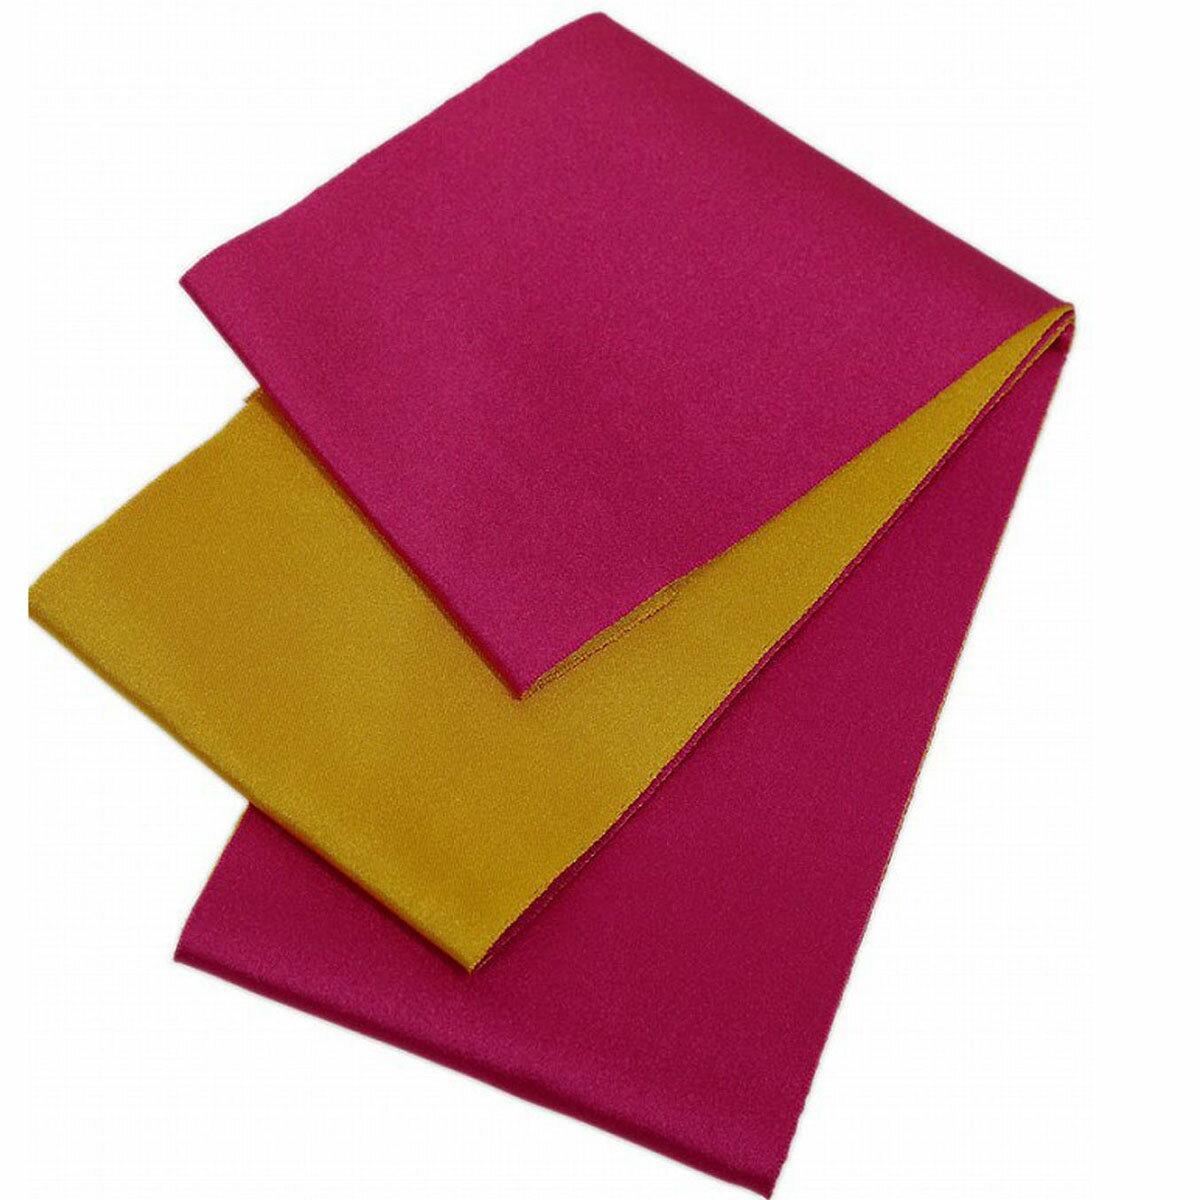 日本製 シンプル リバーシブル 浴衣帯 無地 ワイン×黄色 長尺 超長尺